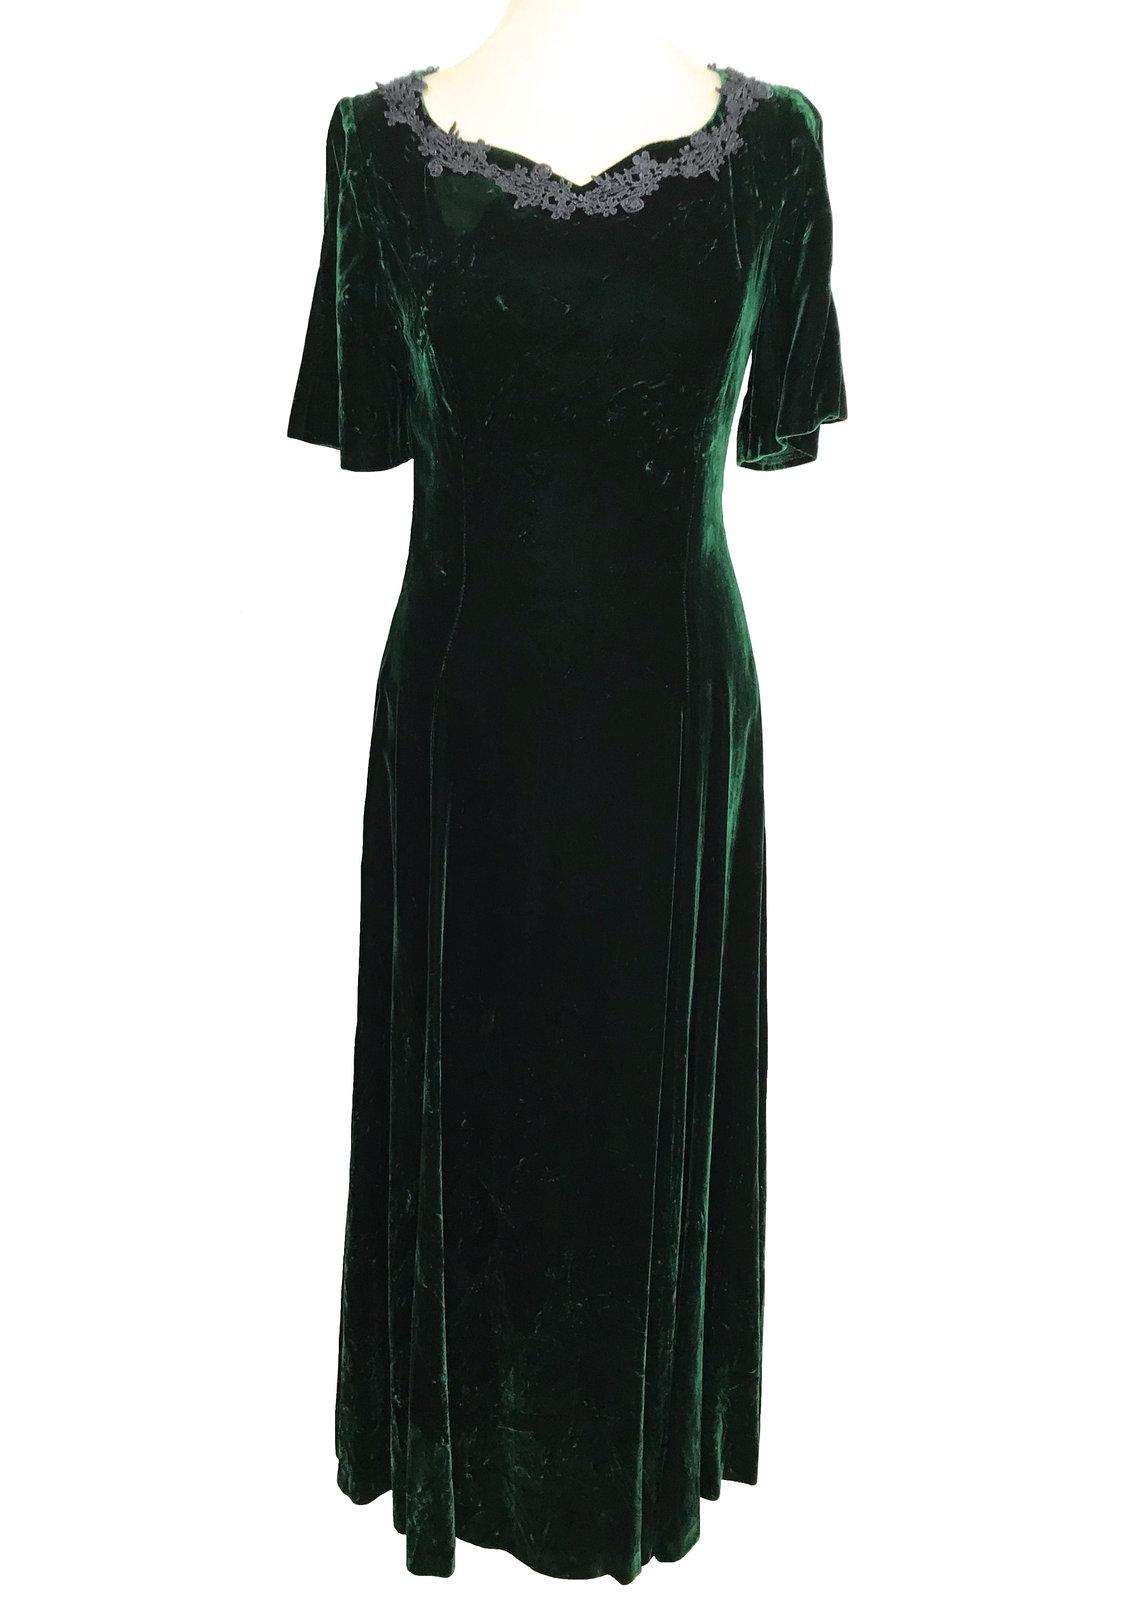 Vintage Crashed Velvet Forest Green Heart Shaped Crochet Lace Trimmed Full Lengt image 2